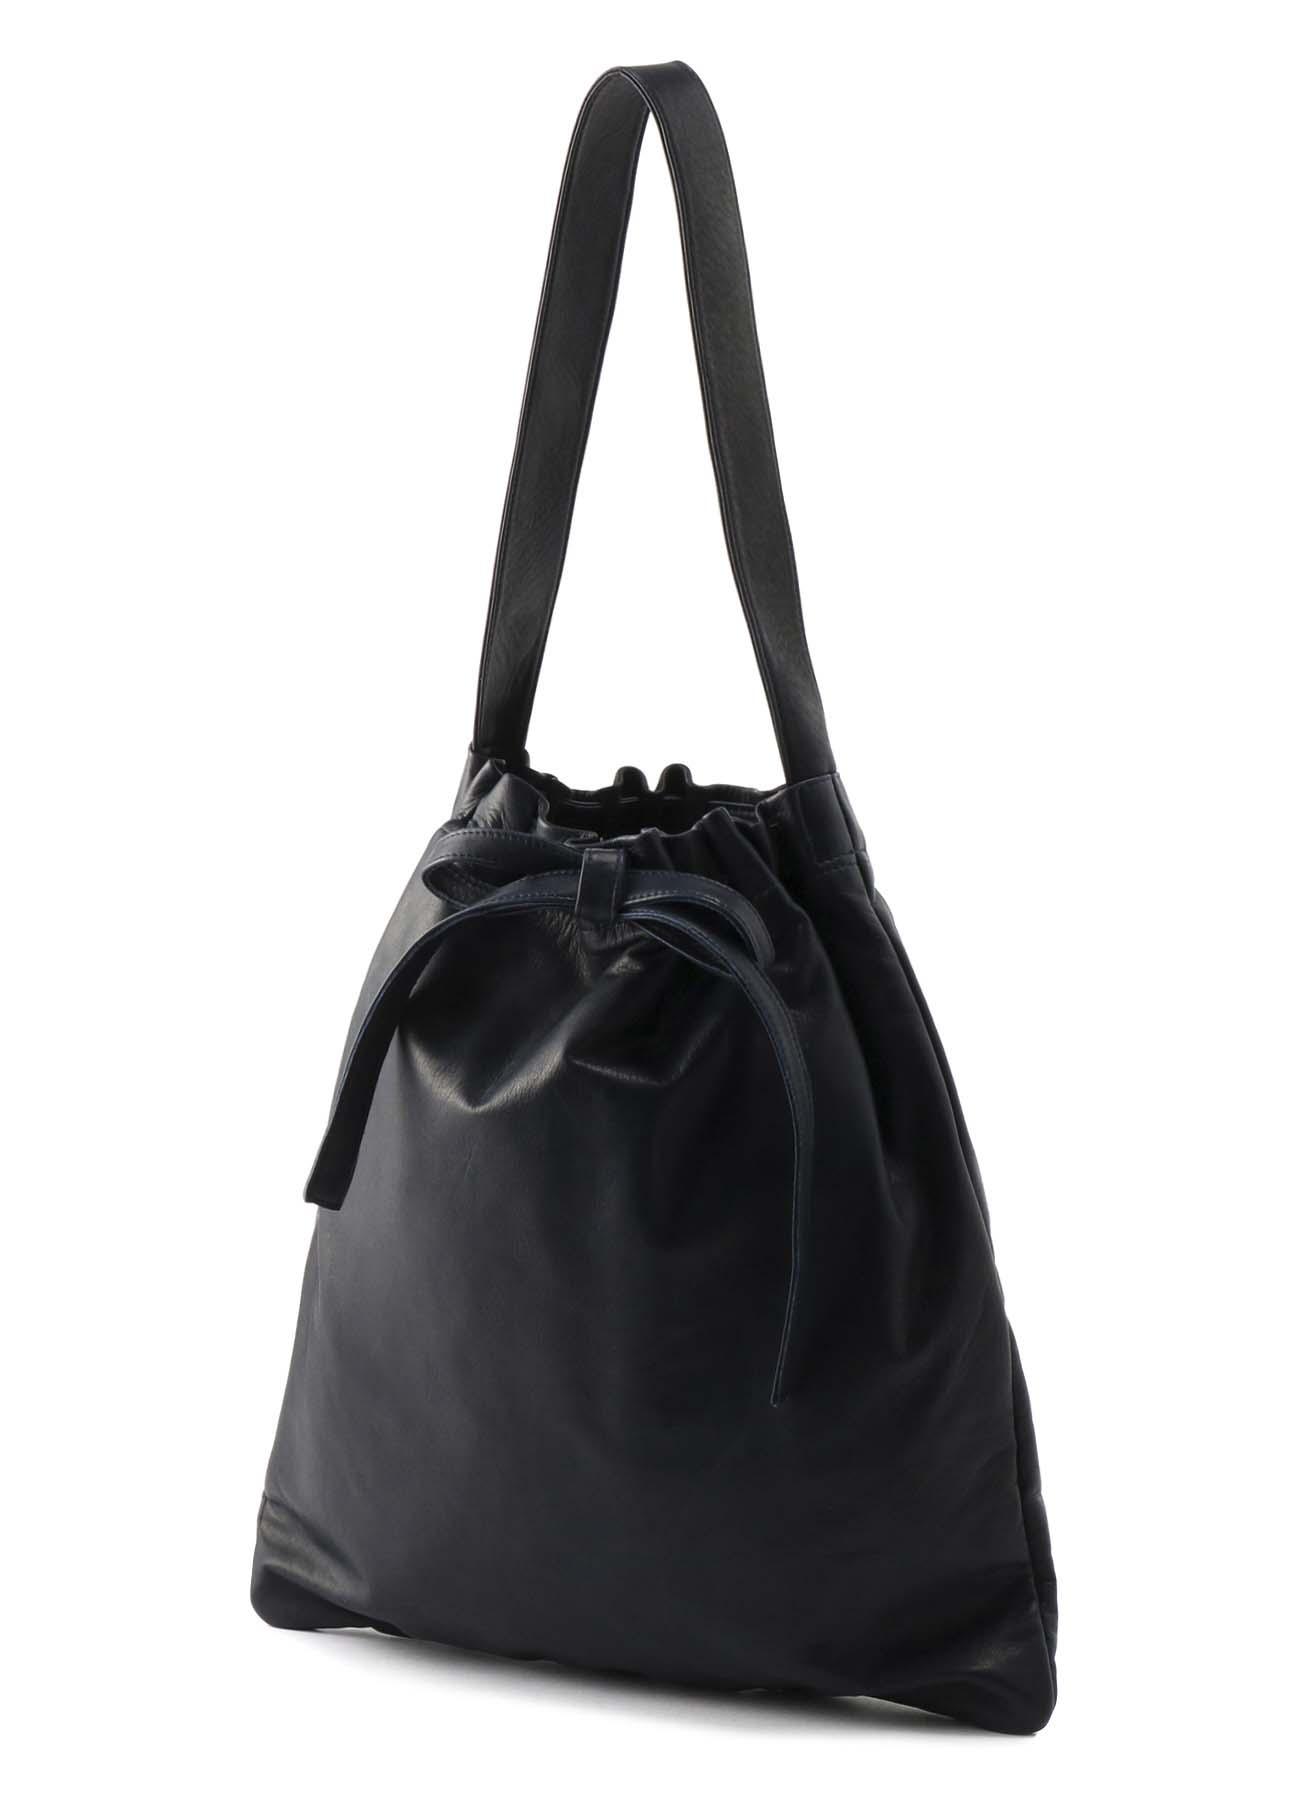 シャイニングレザー 絞りトートバッグ